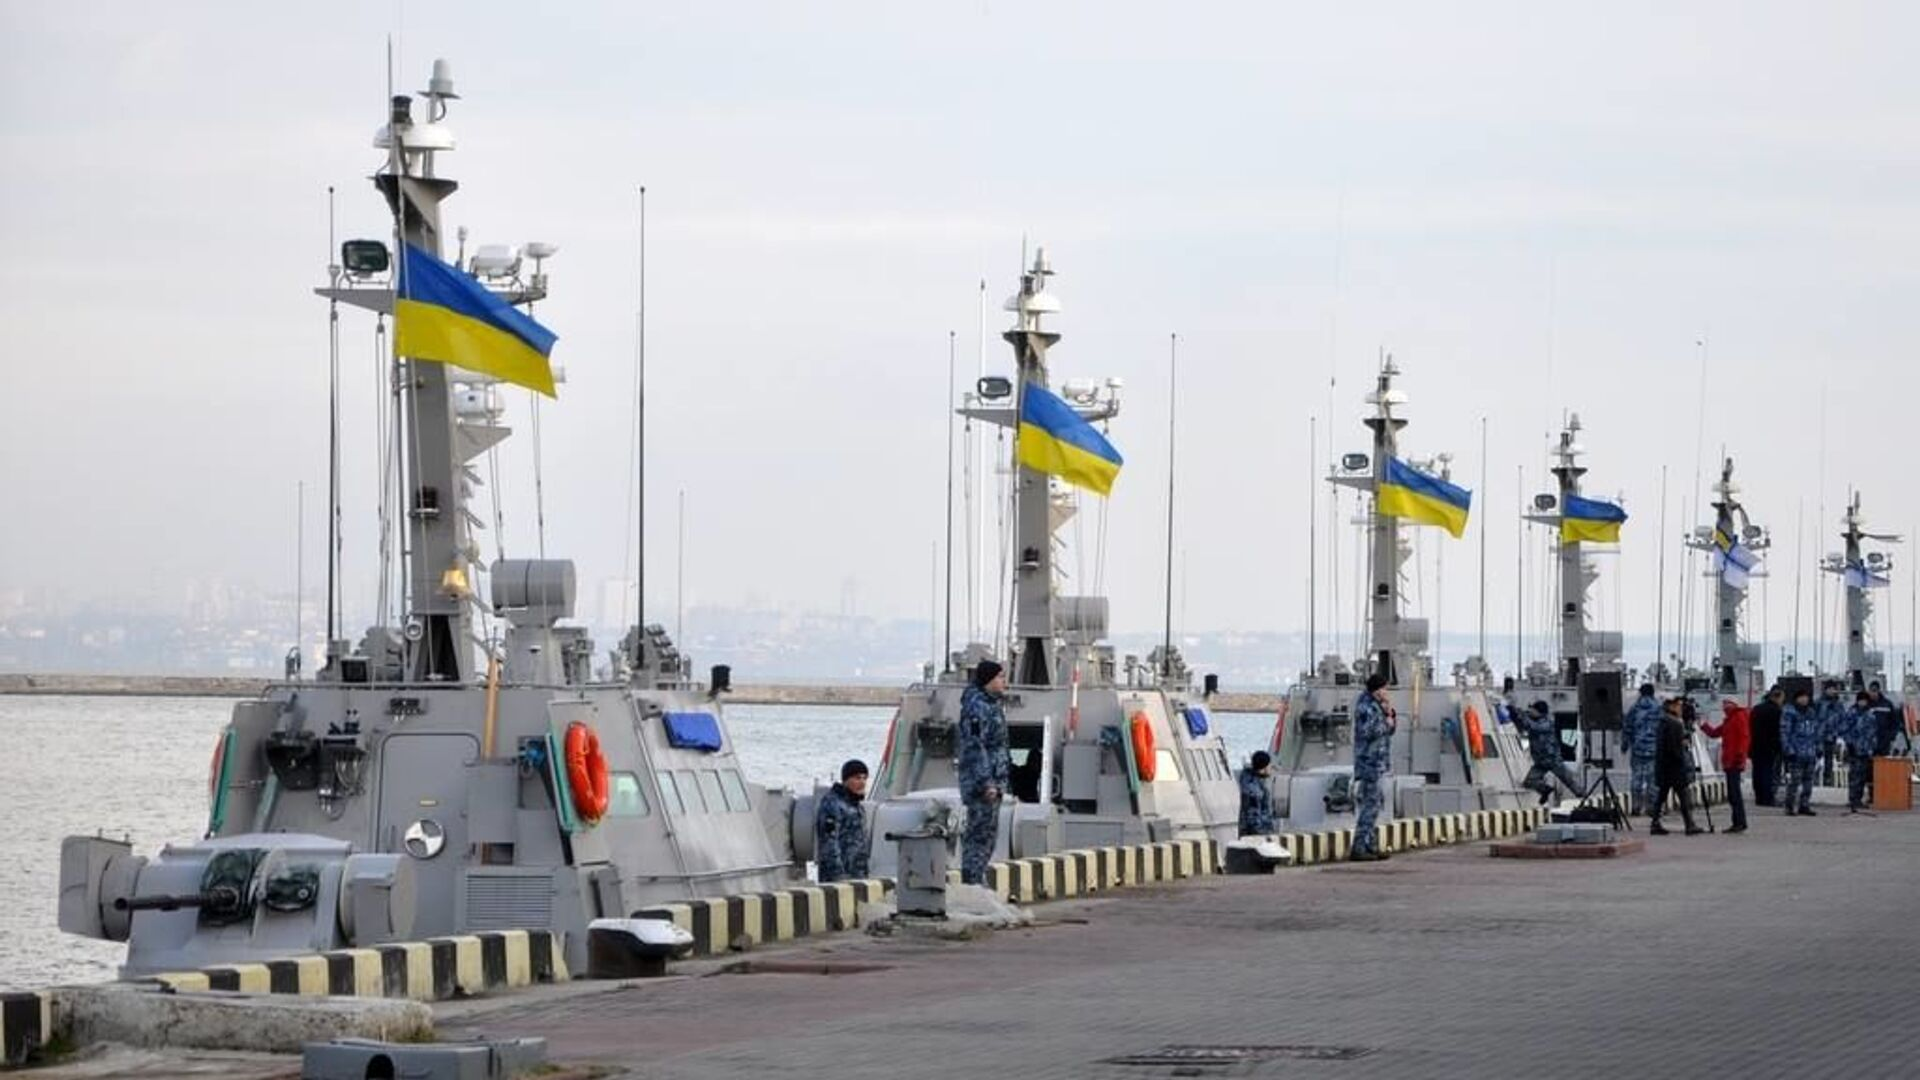 Катера ВМС Украины в порту Одессы - РИА Новости, 1920, 20.10.2020